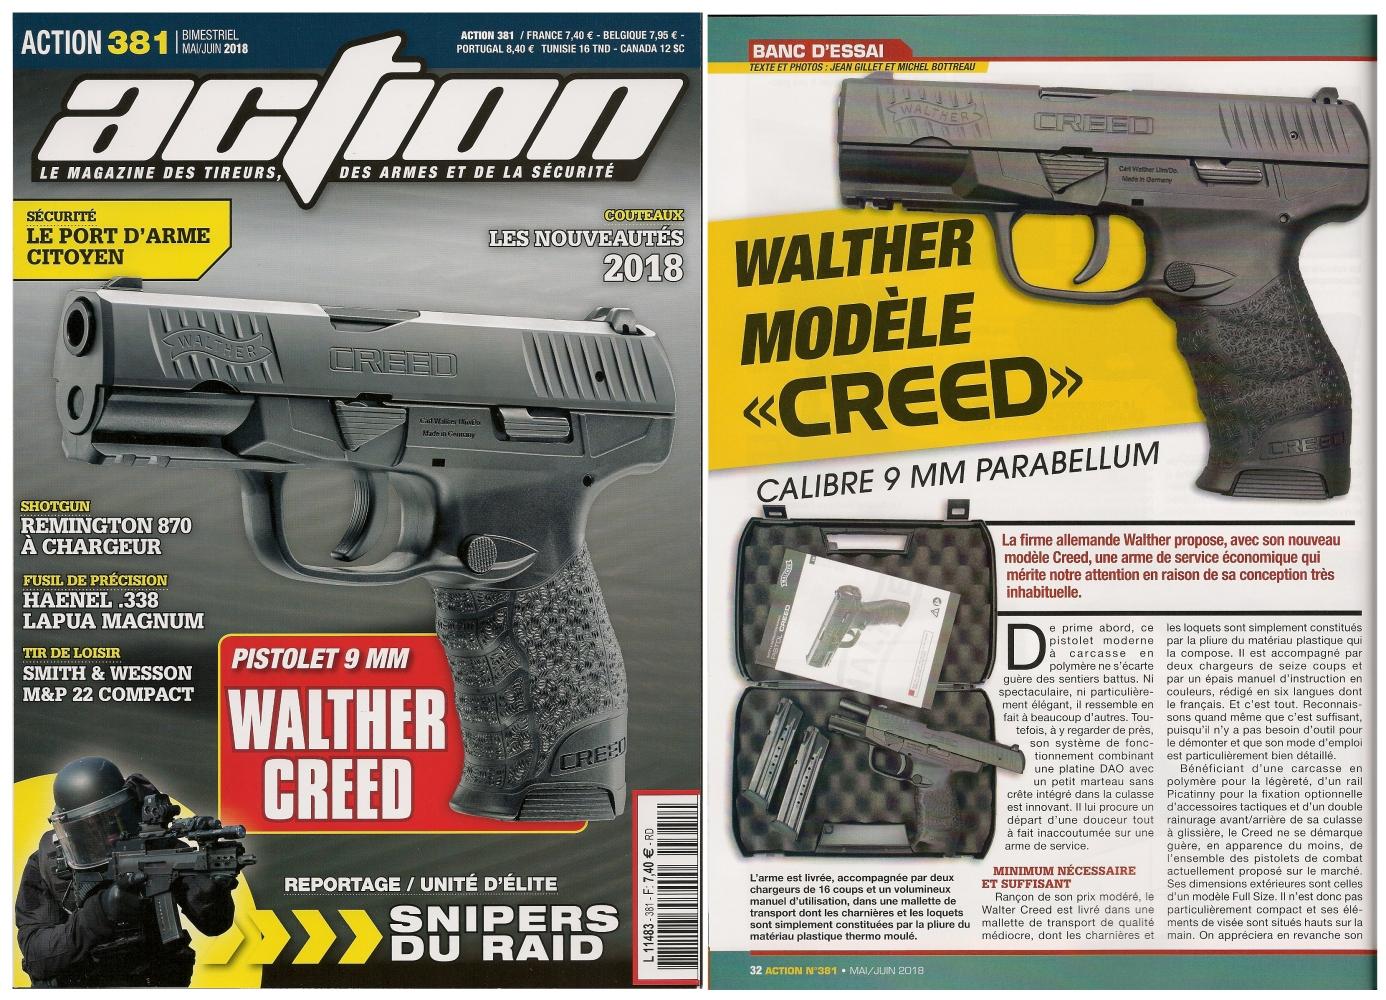 Le banc d'essai du pistolet Walther Creed a été publié sur 5 pages ½ dans le magazine Action n° 381 (mai/juin 2018).